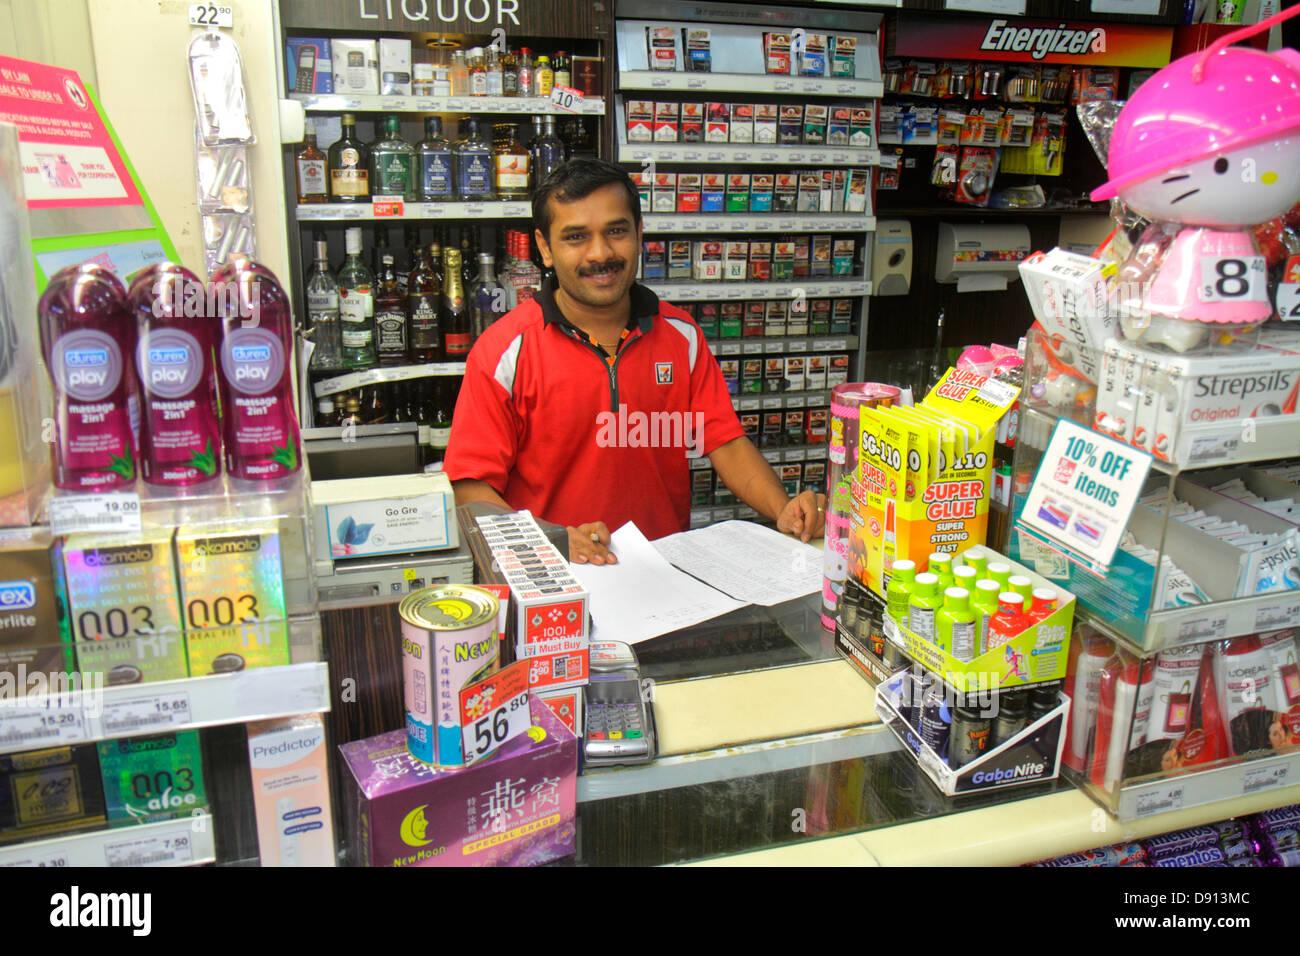 Route Kallang Singapour 7-Eleven homme asiatique magasin Caisse d'uniforme à l'intérieur intérieur Photo Stock